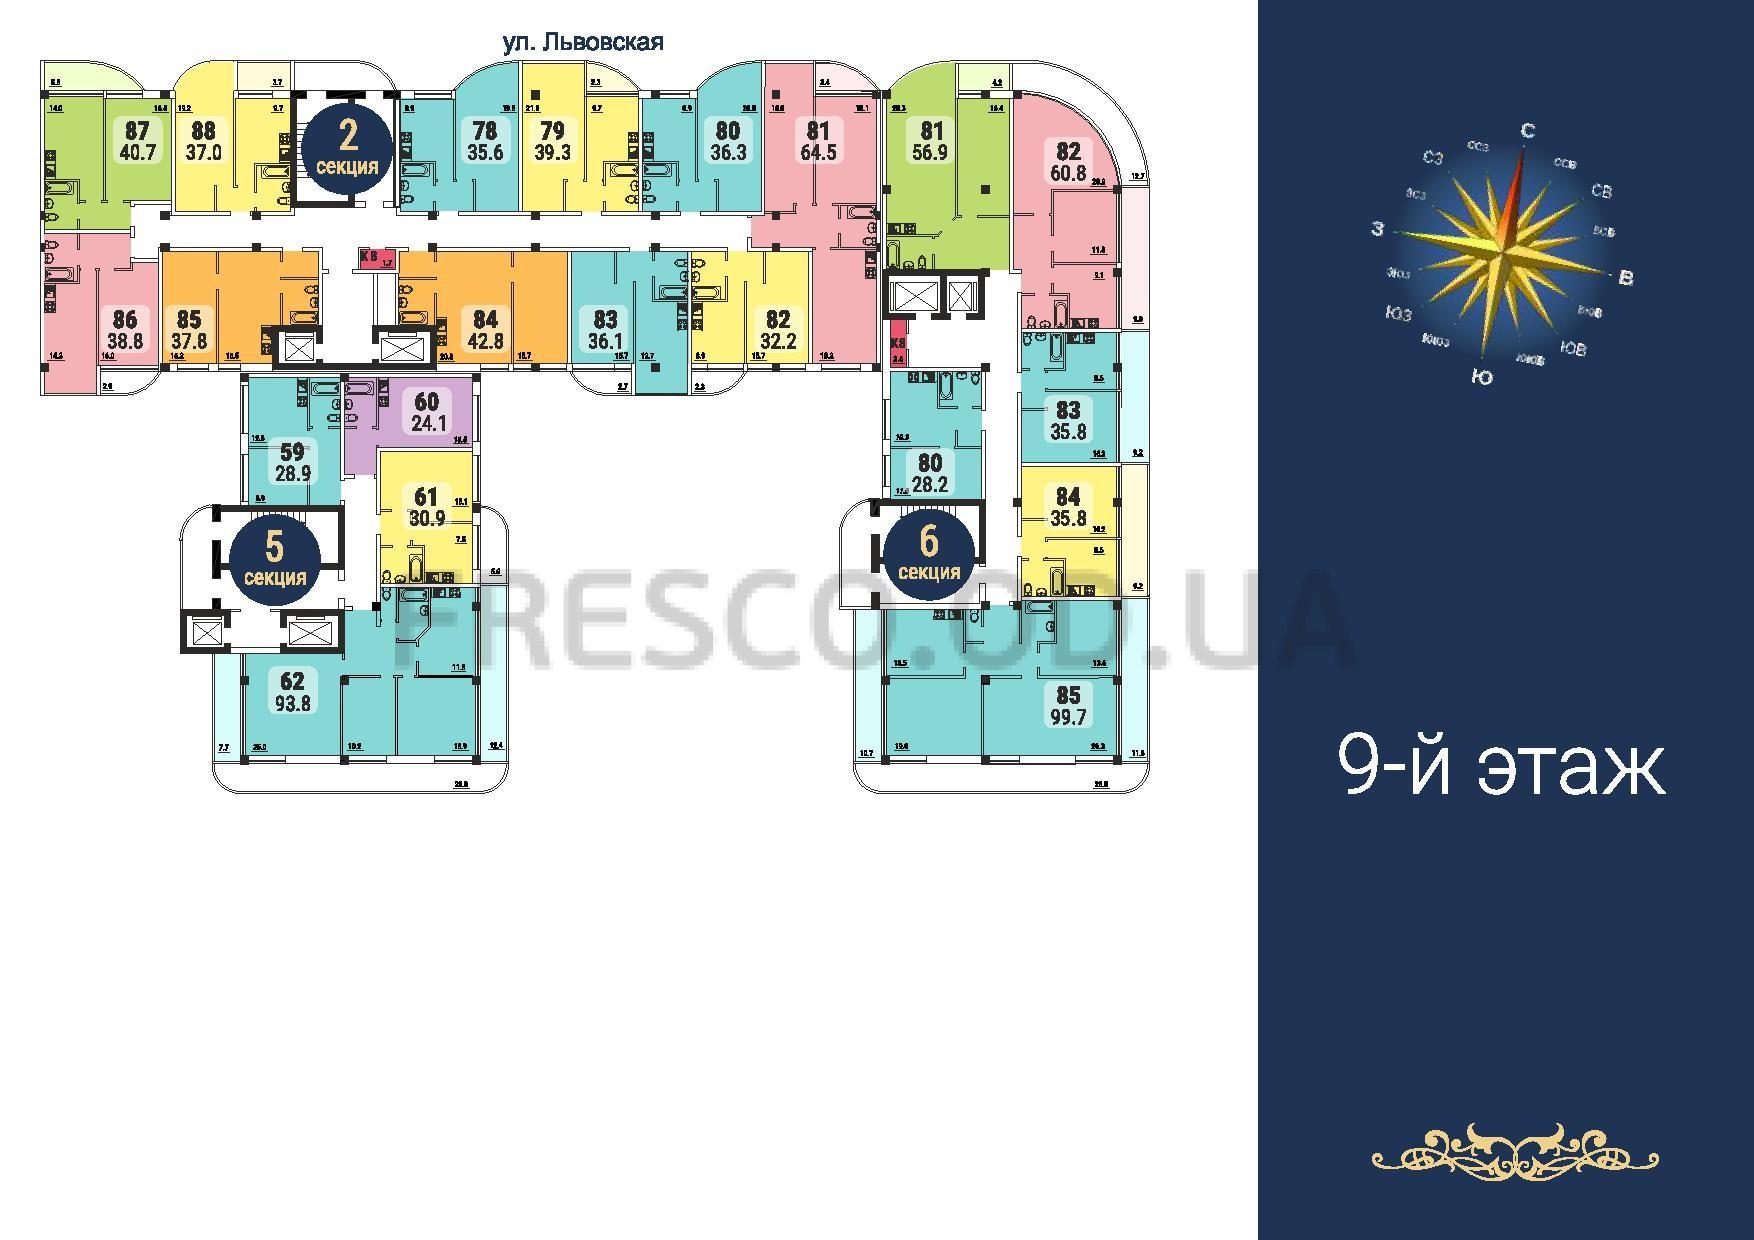 ЖК Море секции 2,5,6 план 9 этажа